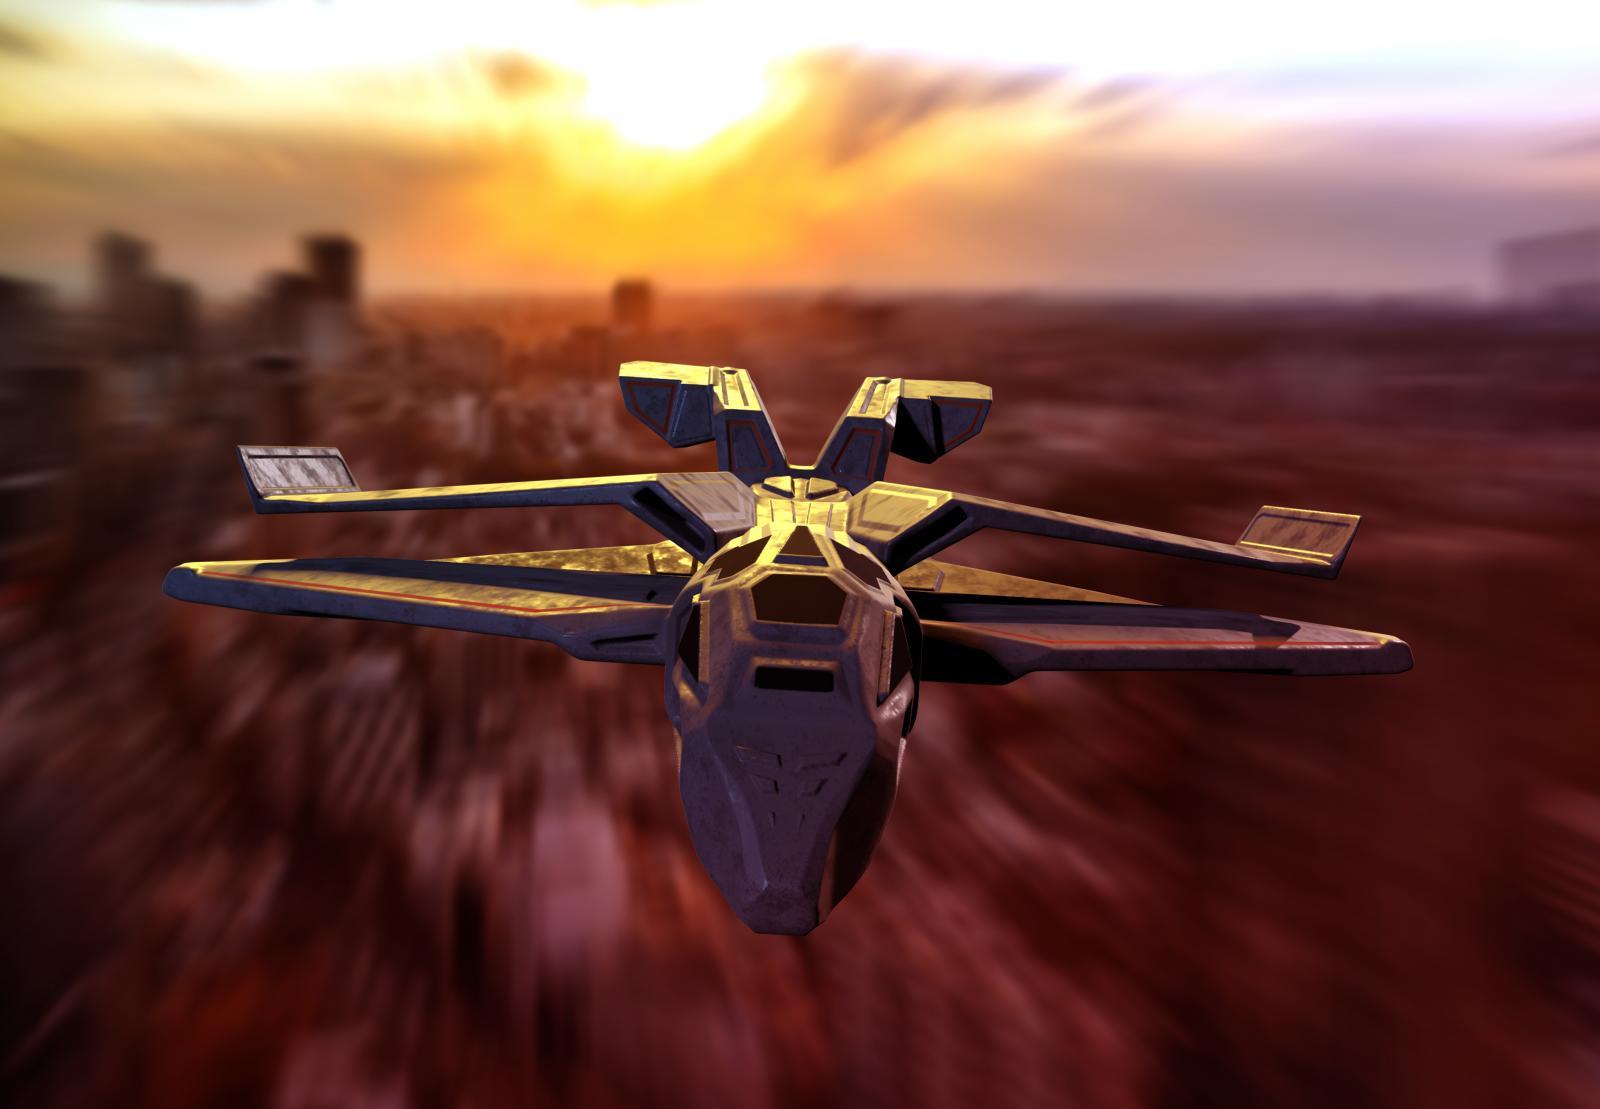 Agiler Aircraft